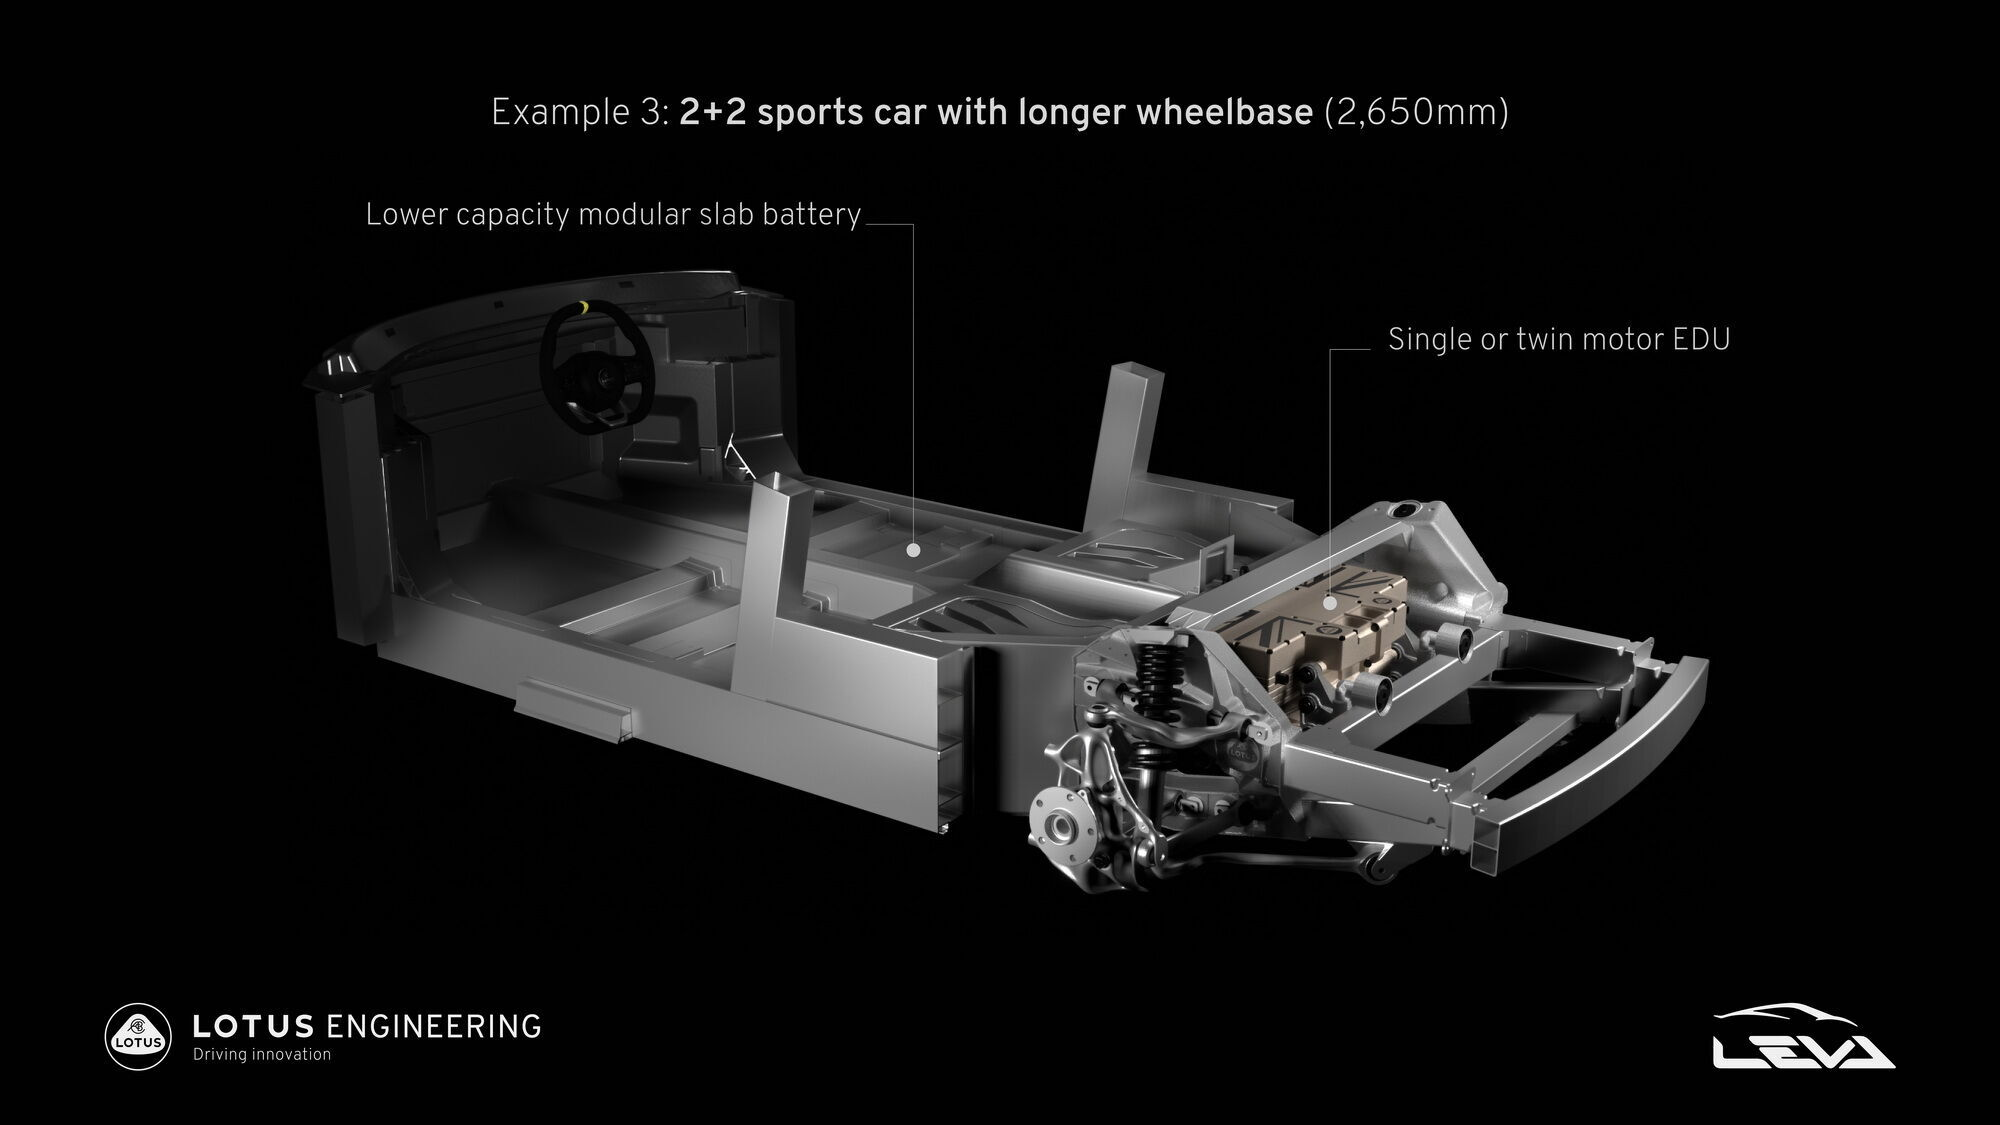 Основа для спорткара з посадковою формулою 2+2 на довгій базі, горизонтально розташованою АКБ на 66,4 кВтг, а також одним (476 к.с.) або двома двигунами (884 к.с.)